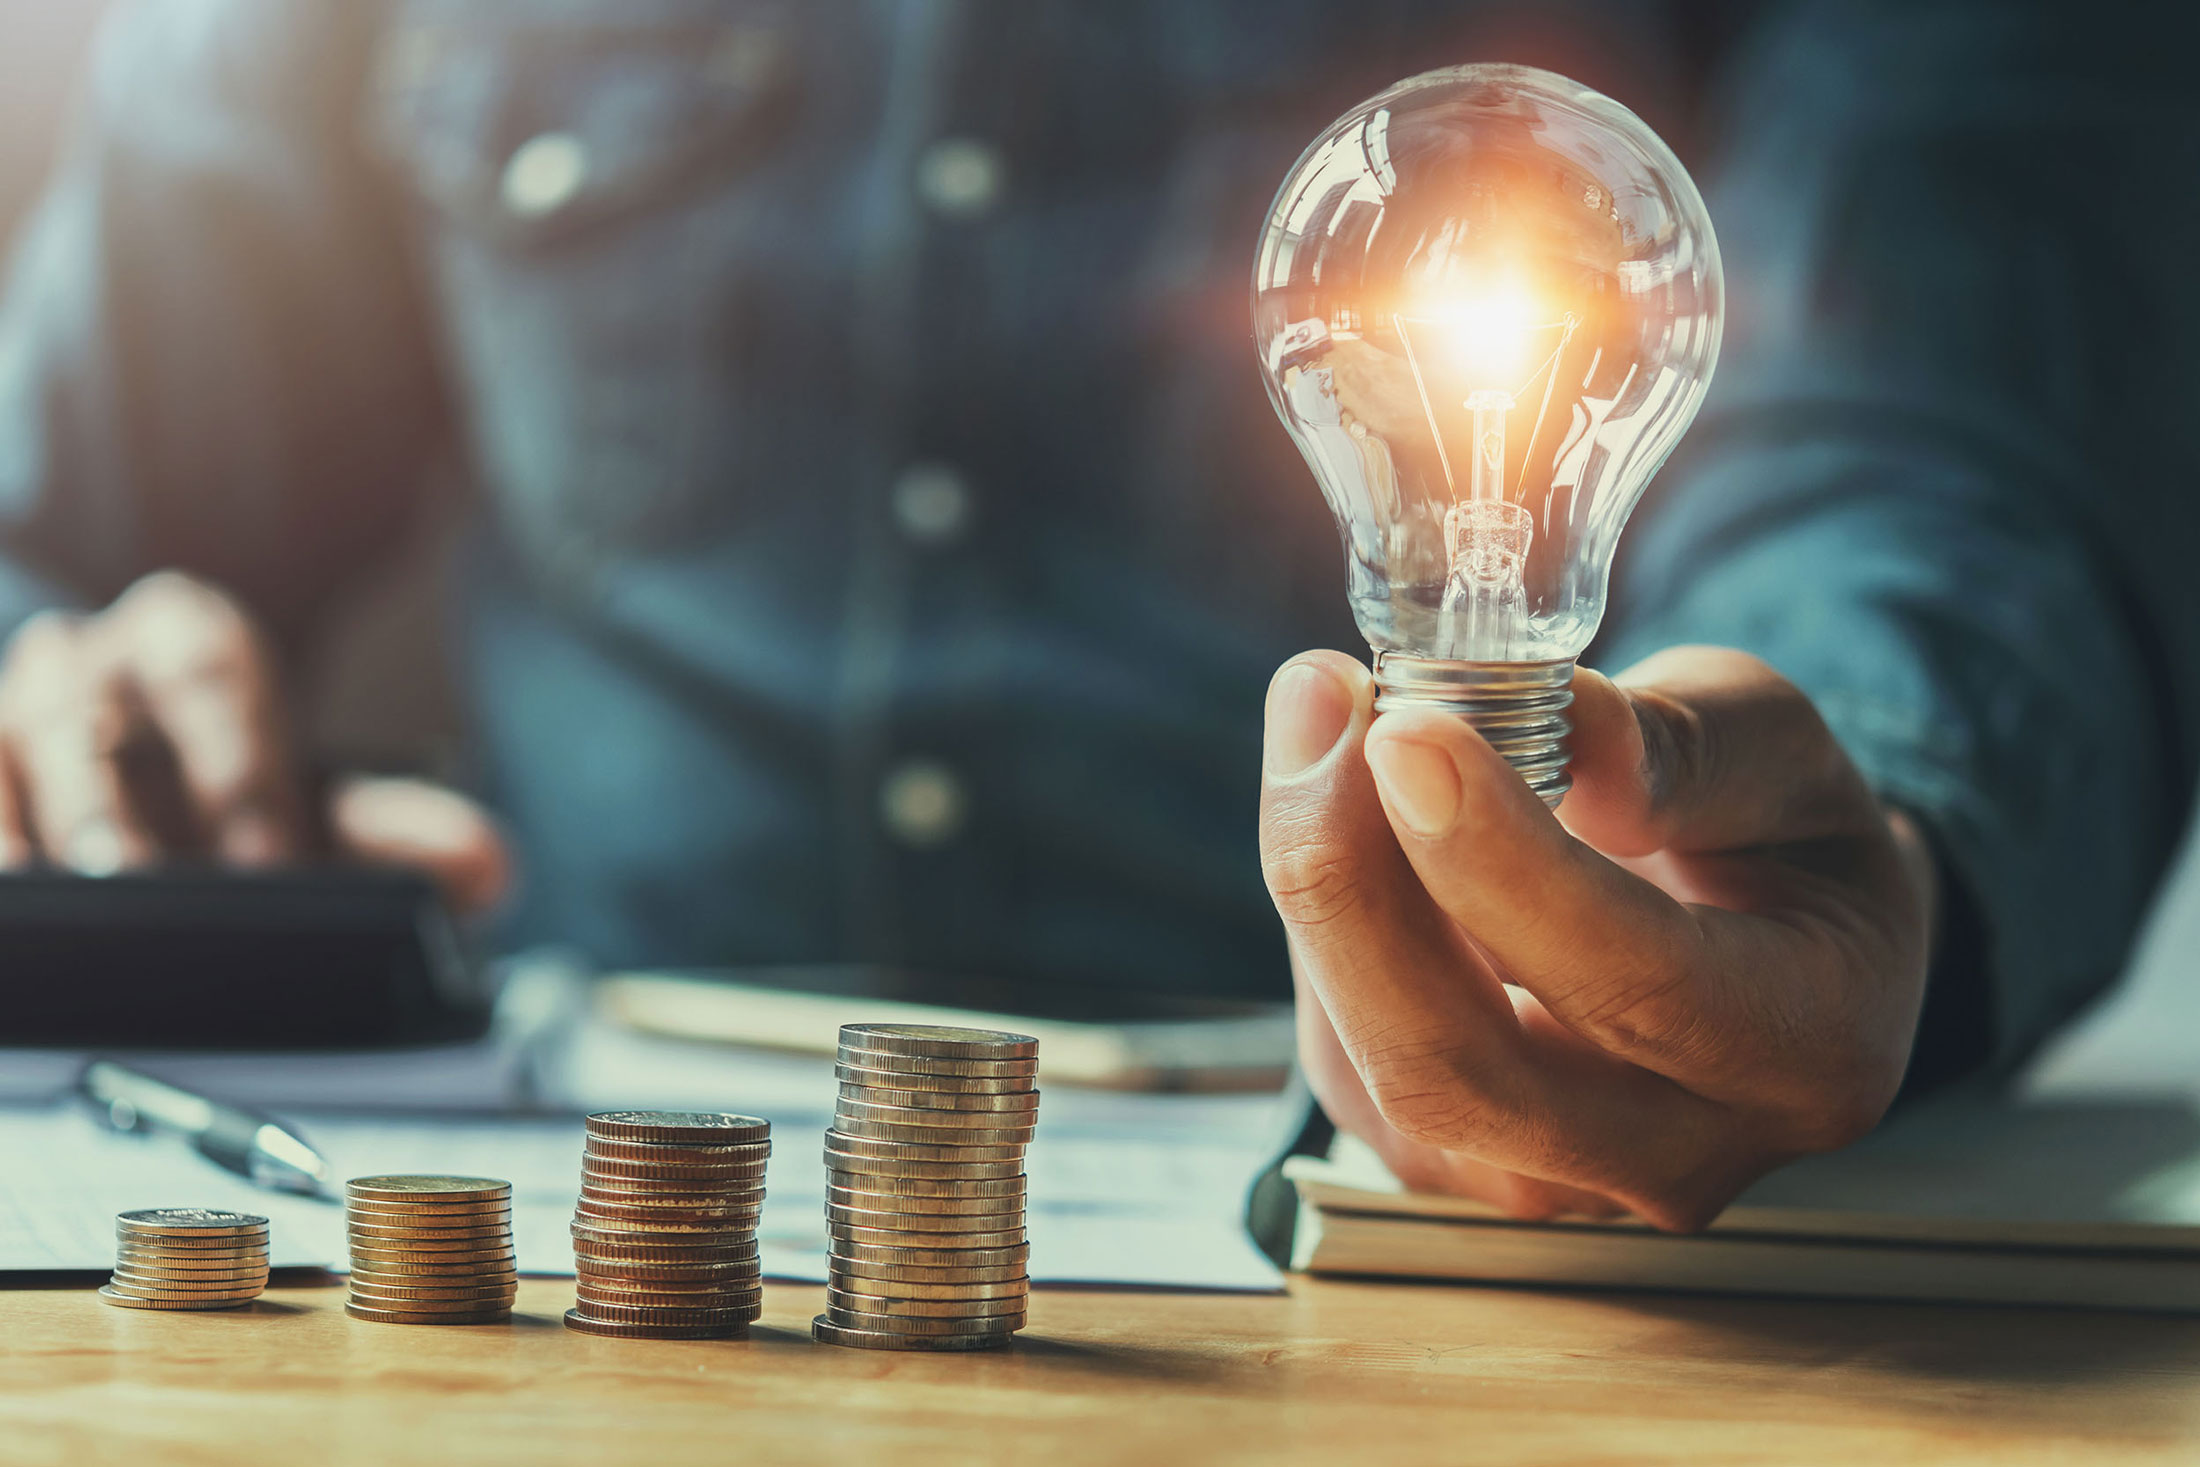 payer moins cher l'énergie